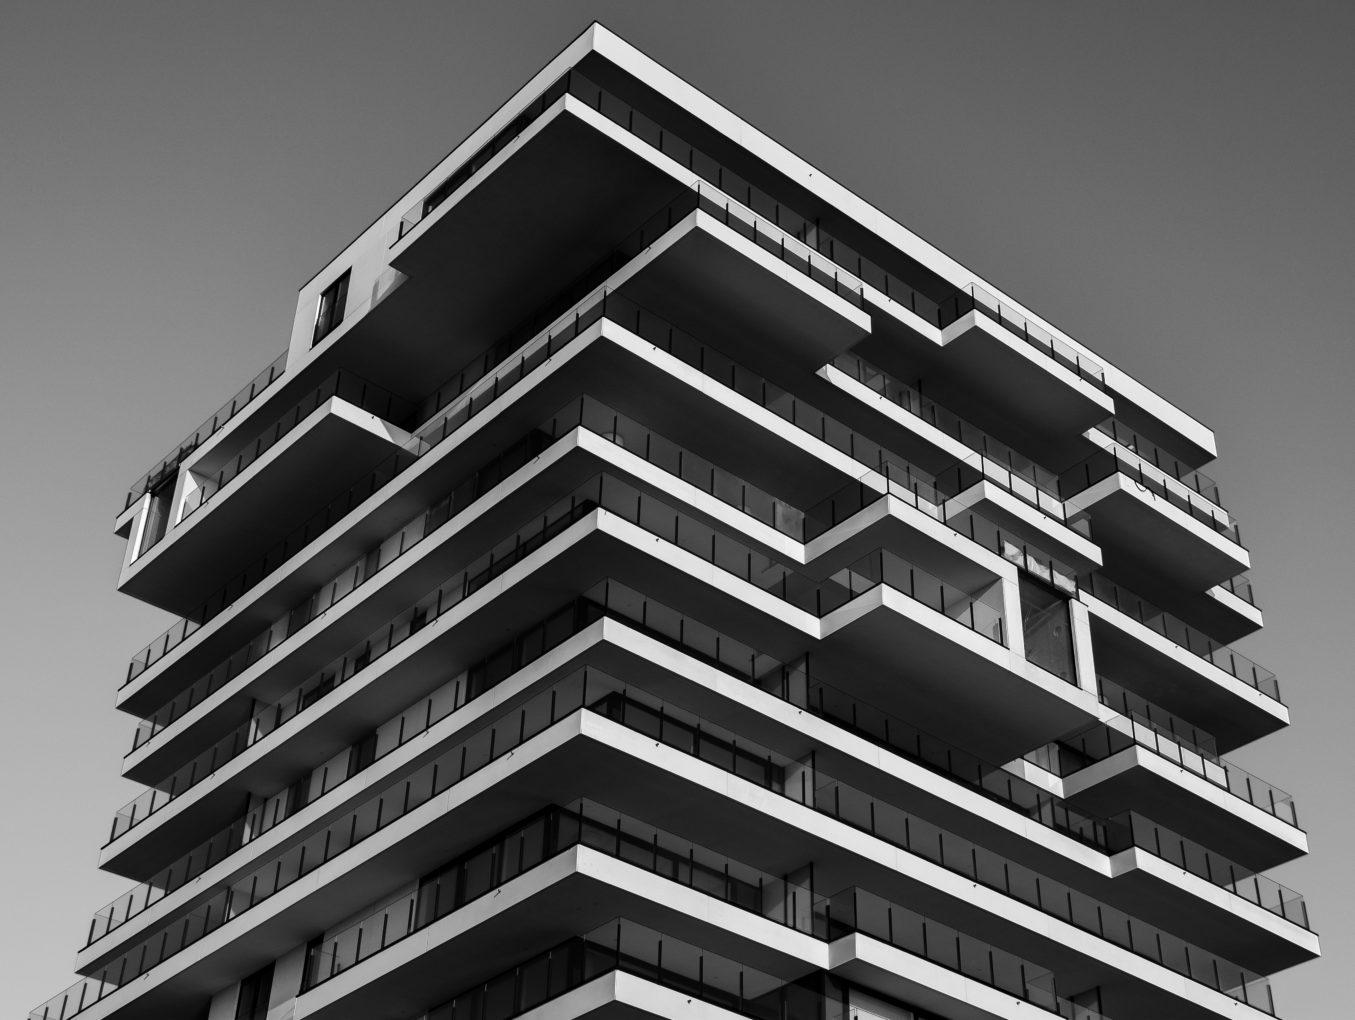 pexels-photo-157811